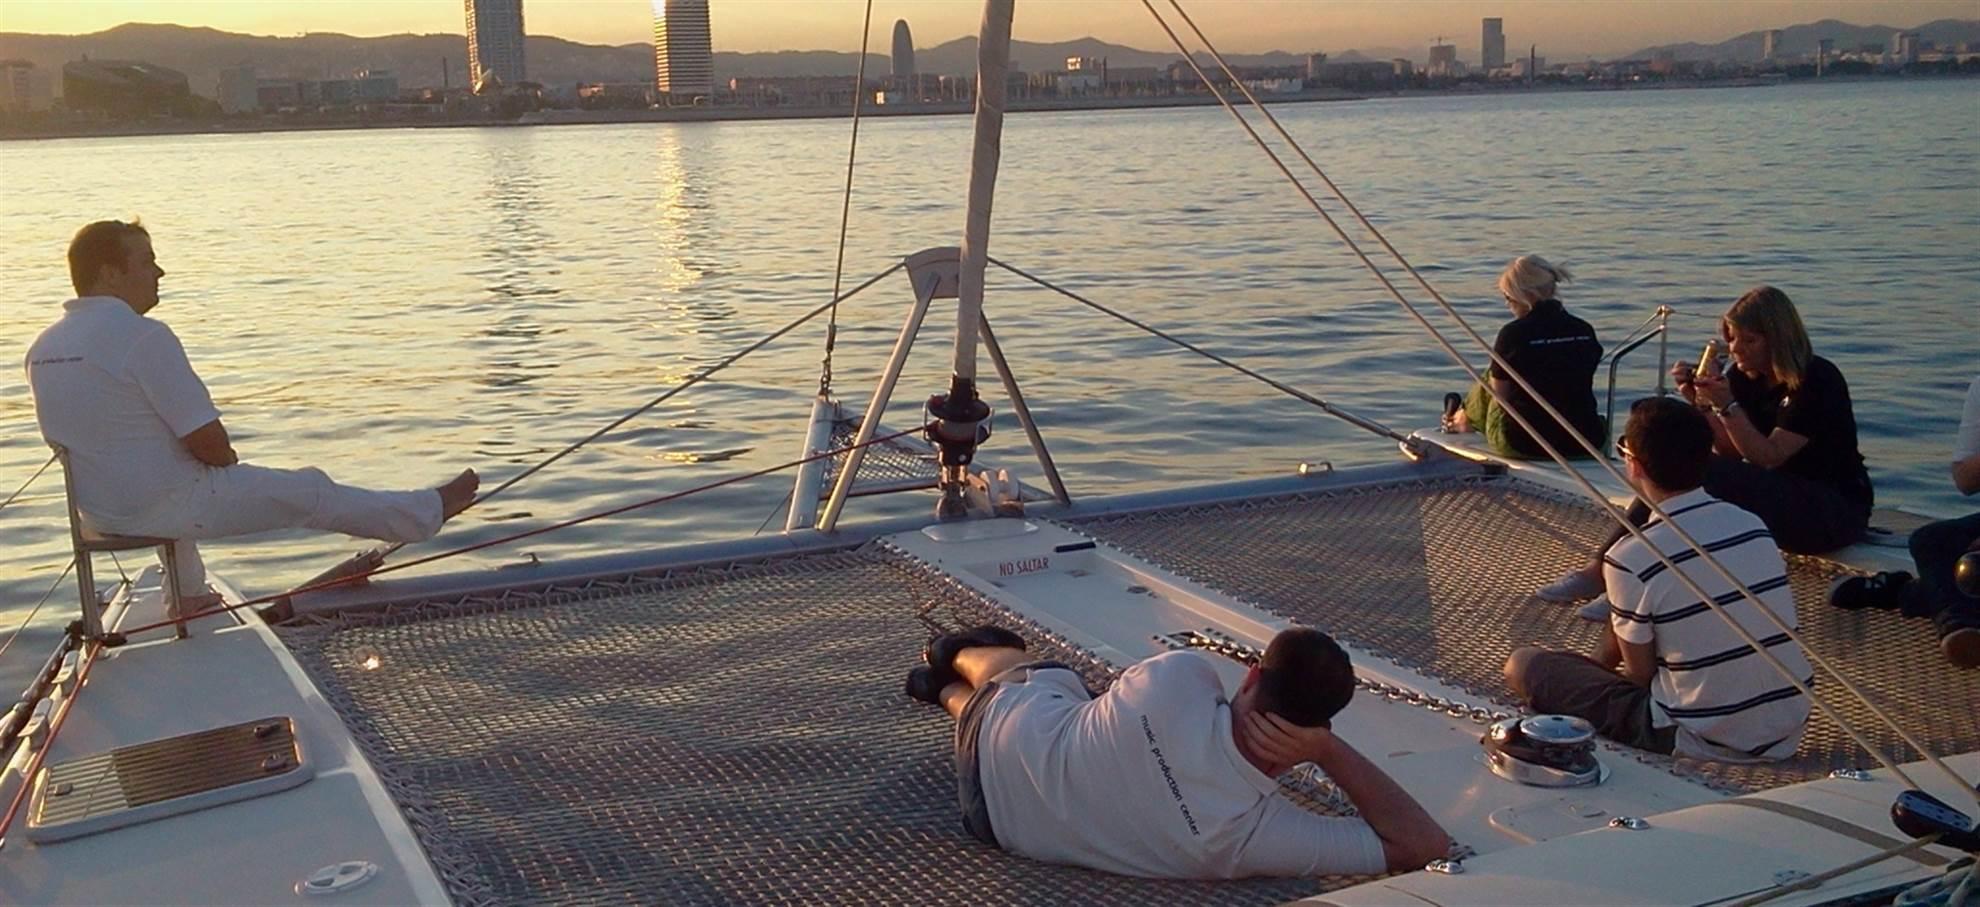 Crucero al atardecer en catamarán